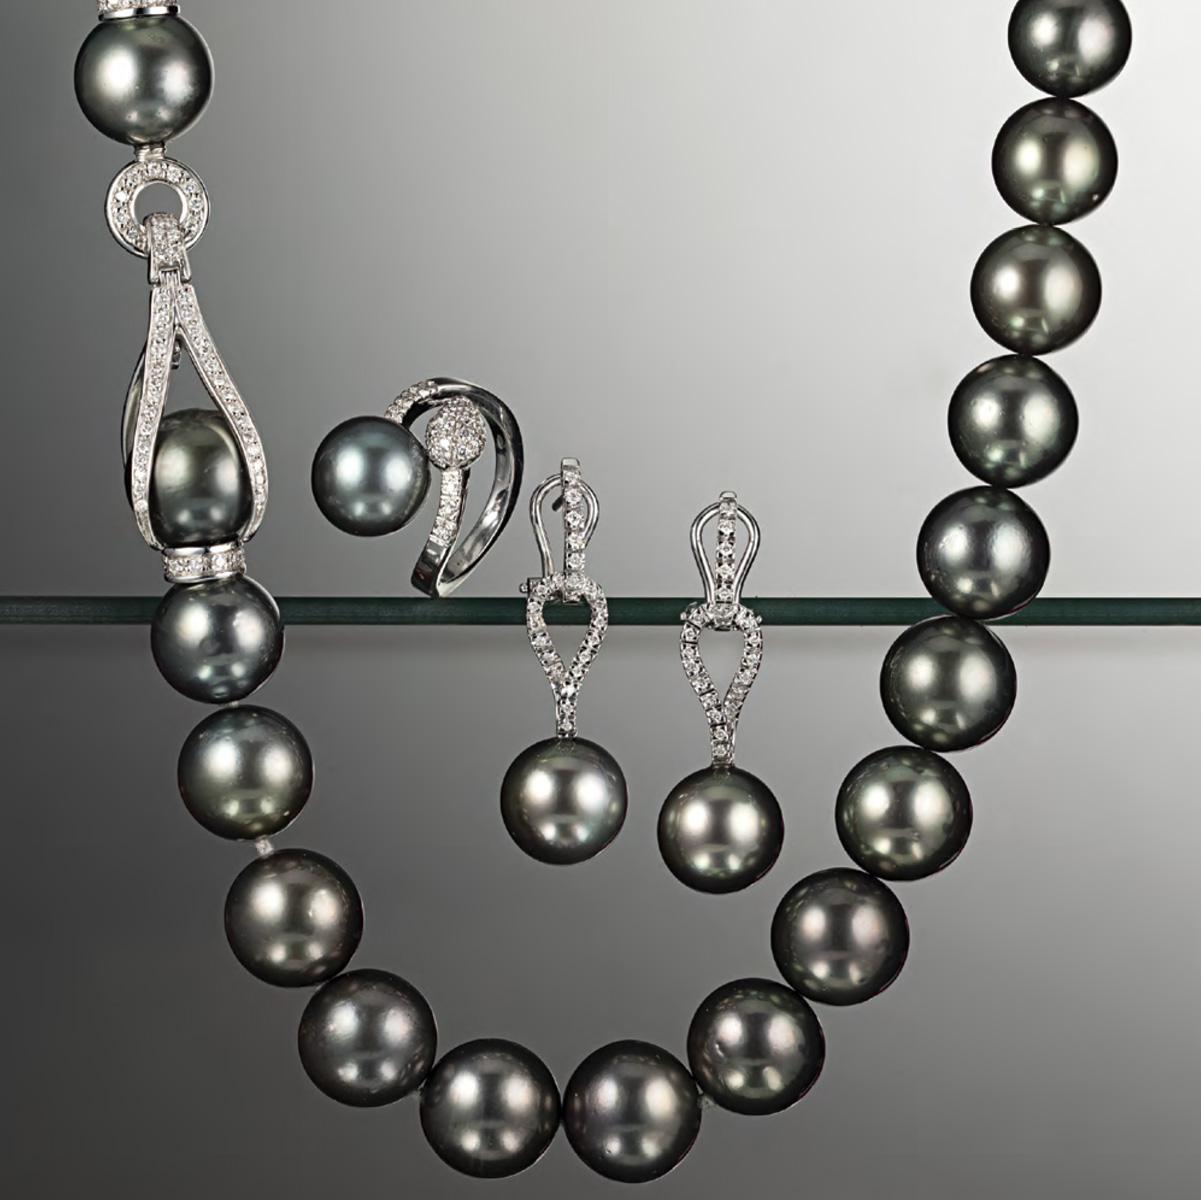 Perle Tahiti - Tahitian Pearls